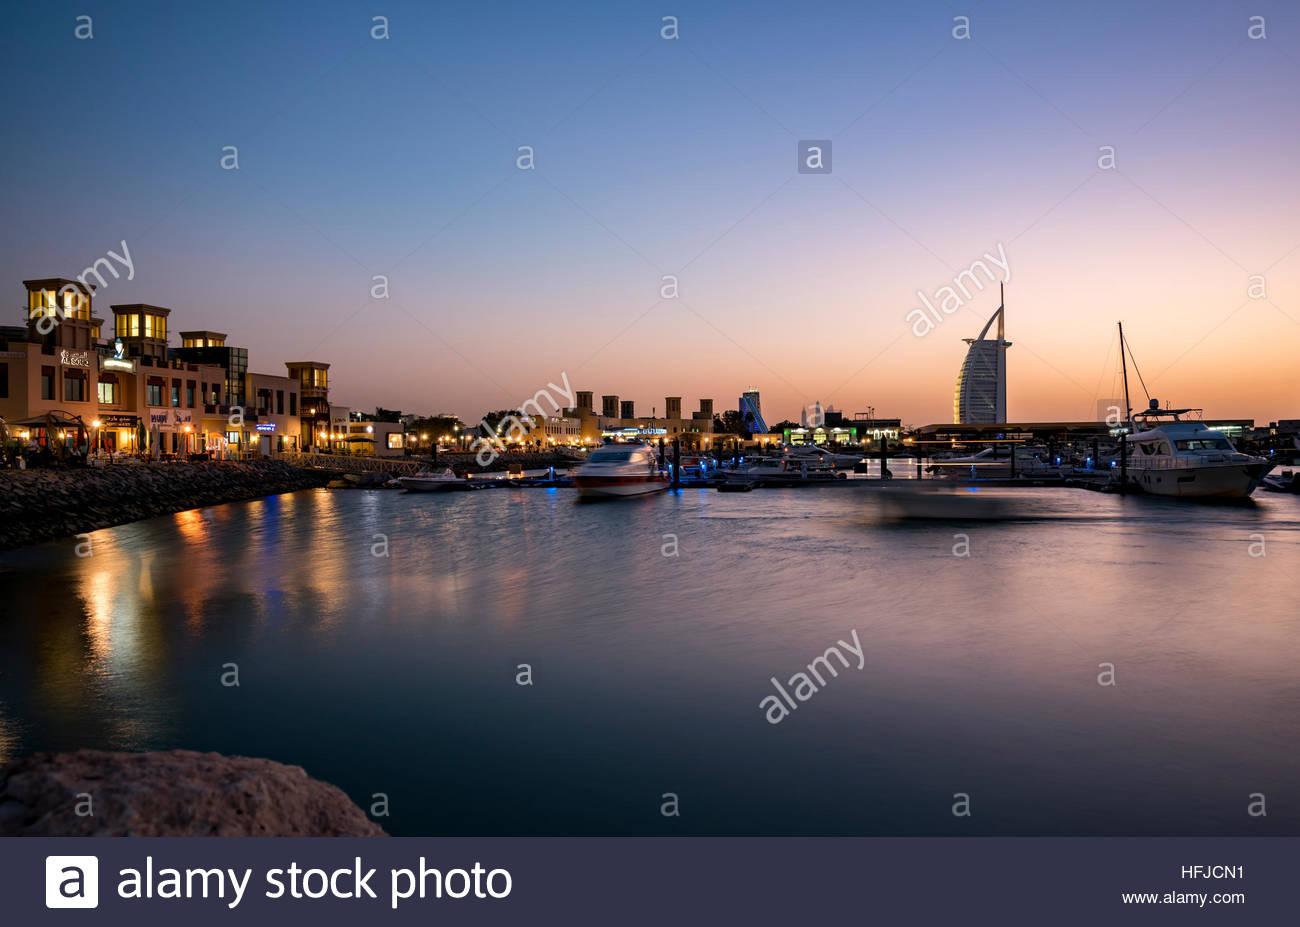 Vista de 'Al Souq', Puerto Pesquero, Dubai. Foto tomada durante una puesta de sol con el cielo claro (sin Imagen De Stock